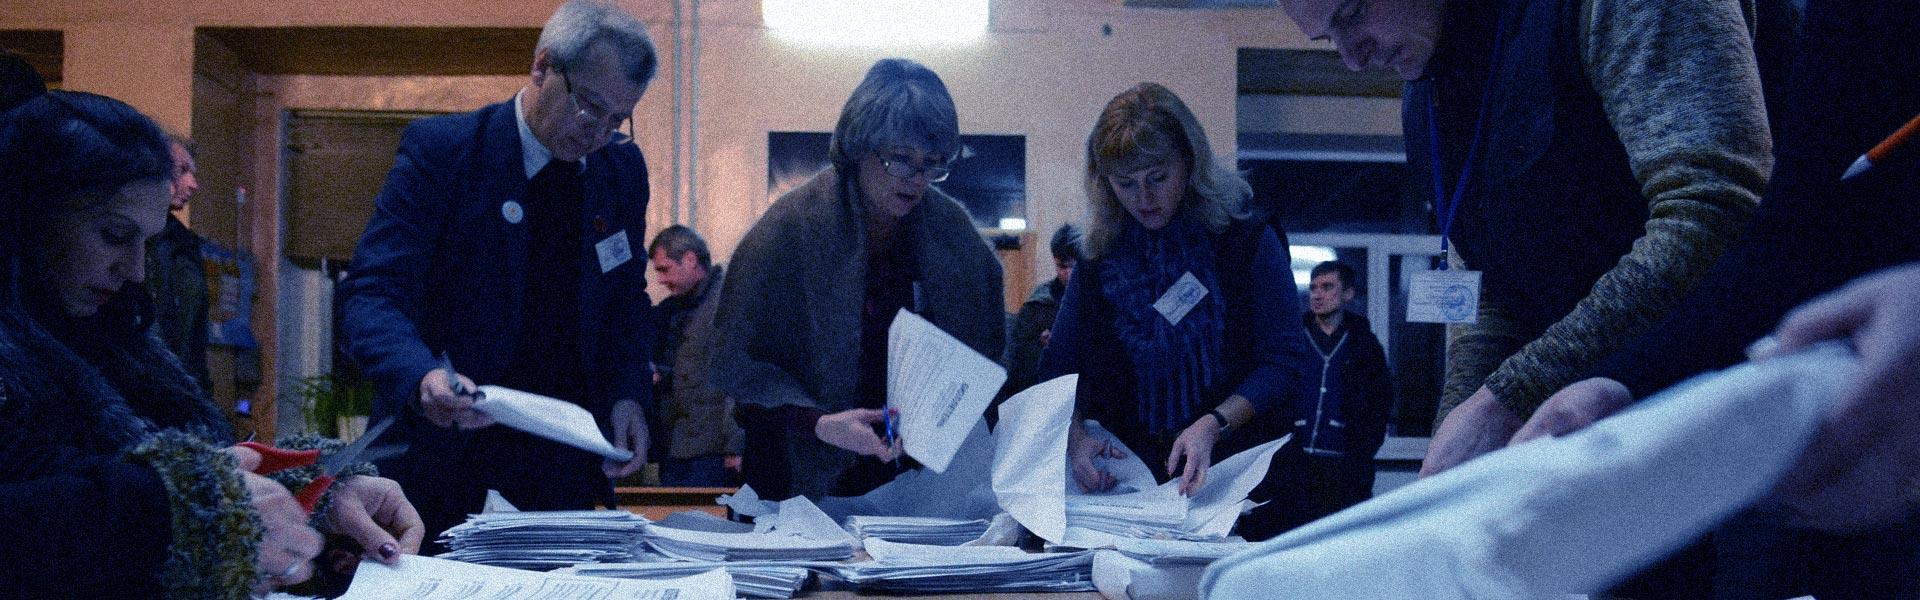 Новосибирск. Суровые выборы